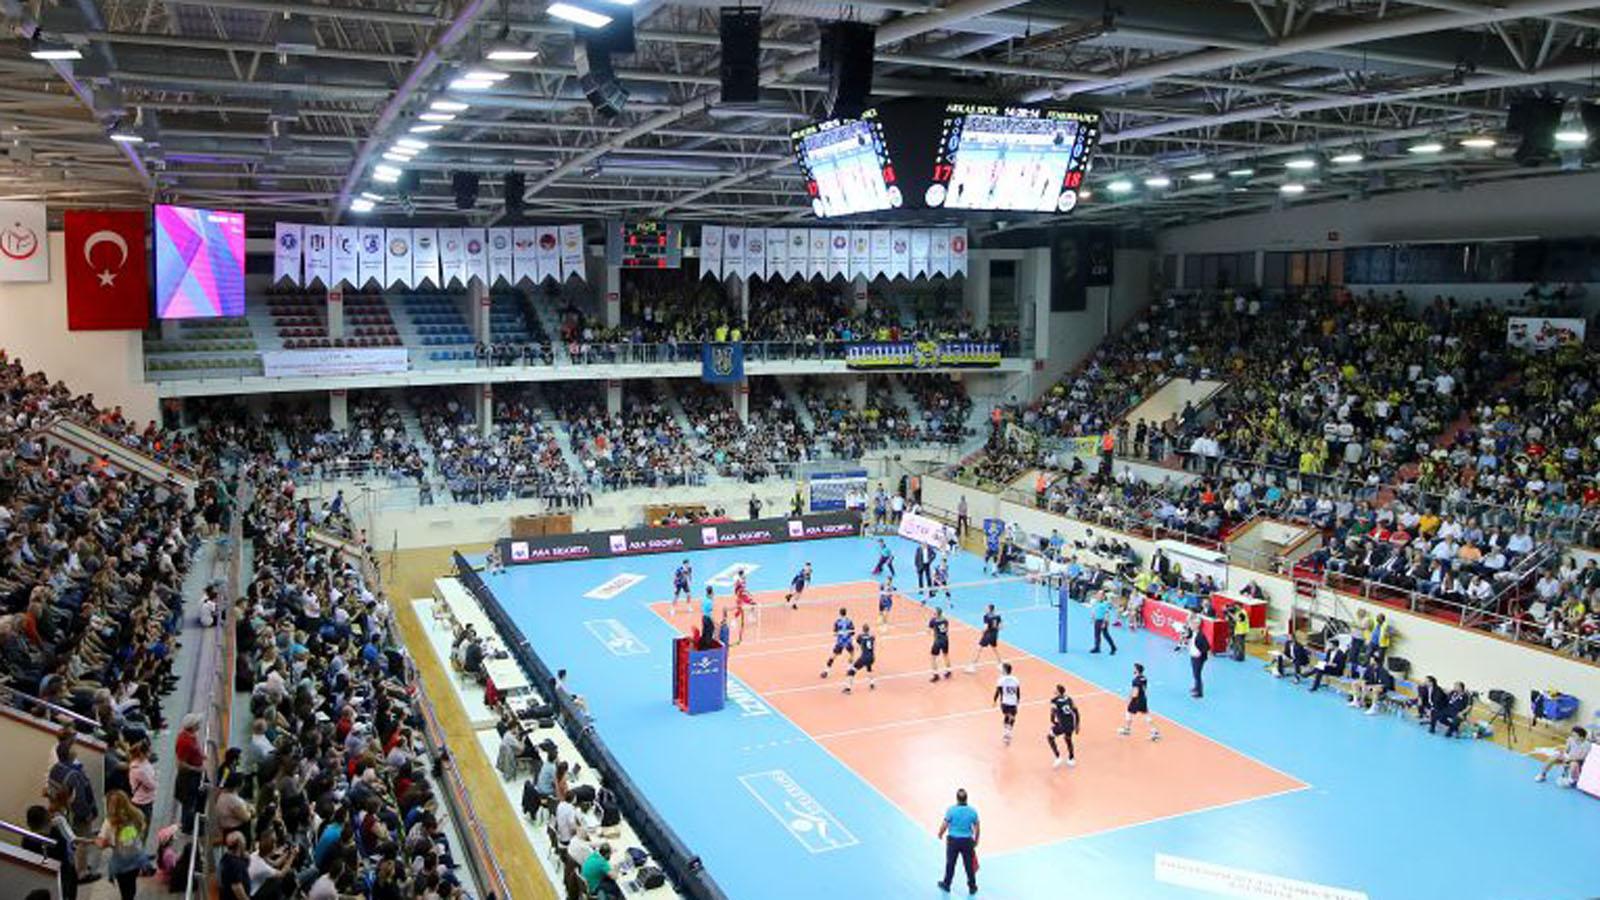 Salı günü İzmir'de Arkas Spor ile oynayacağımız final serisi 4. maçının biletleri satışa çıktı